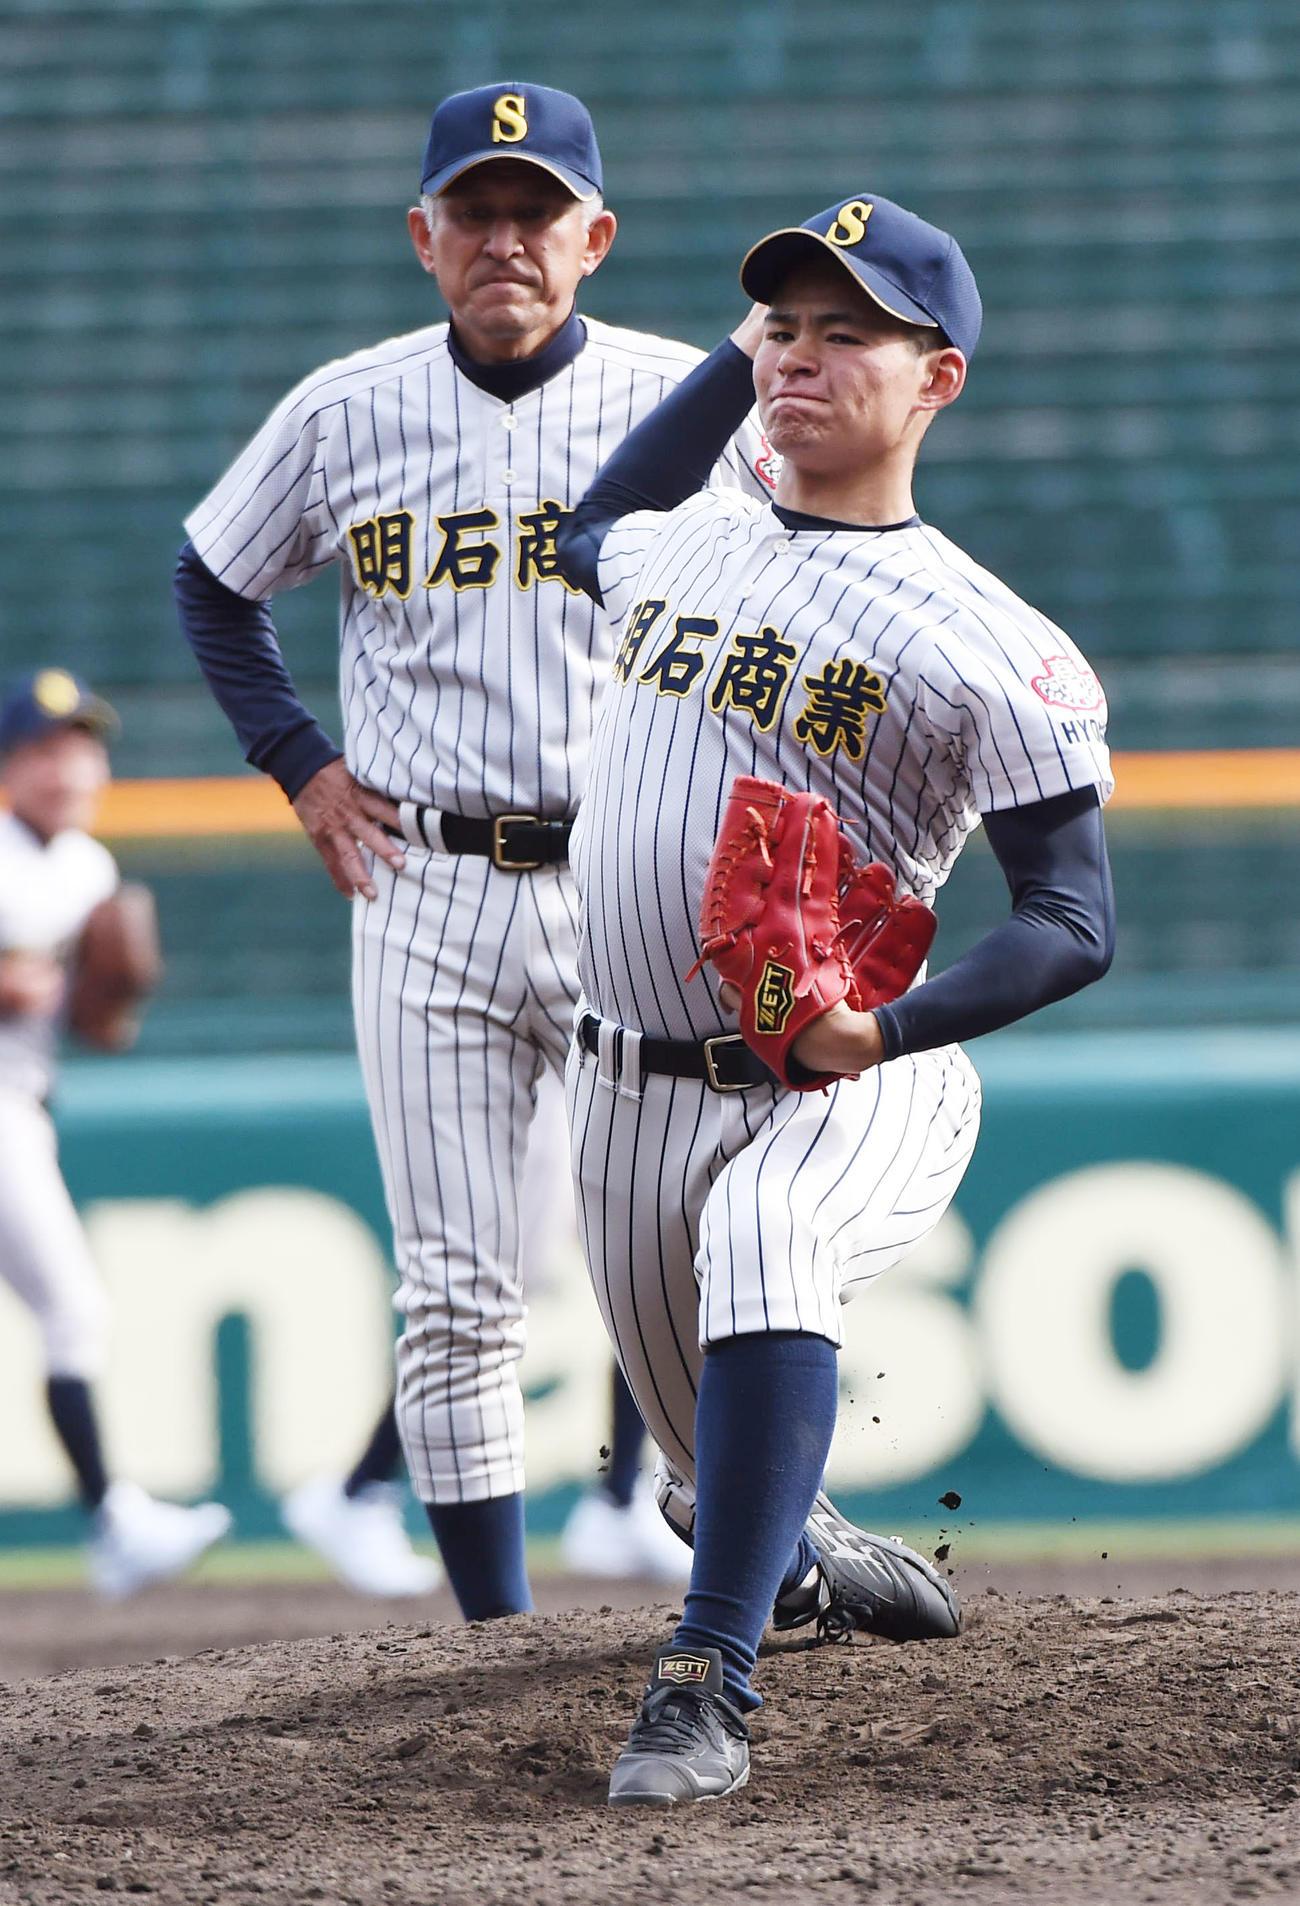 中森俊介の投球を見る狭間善徳監督(2019年3月18日撮影)